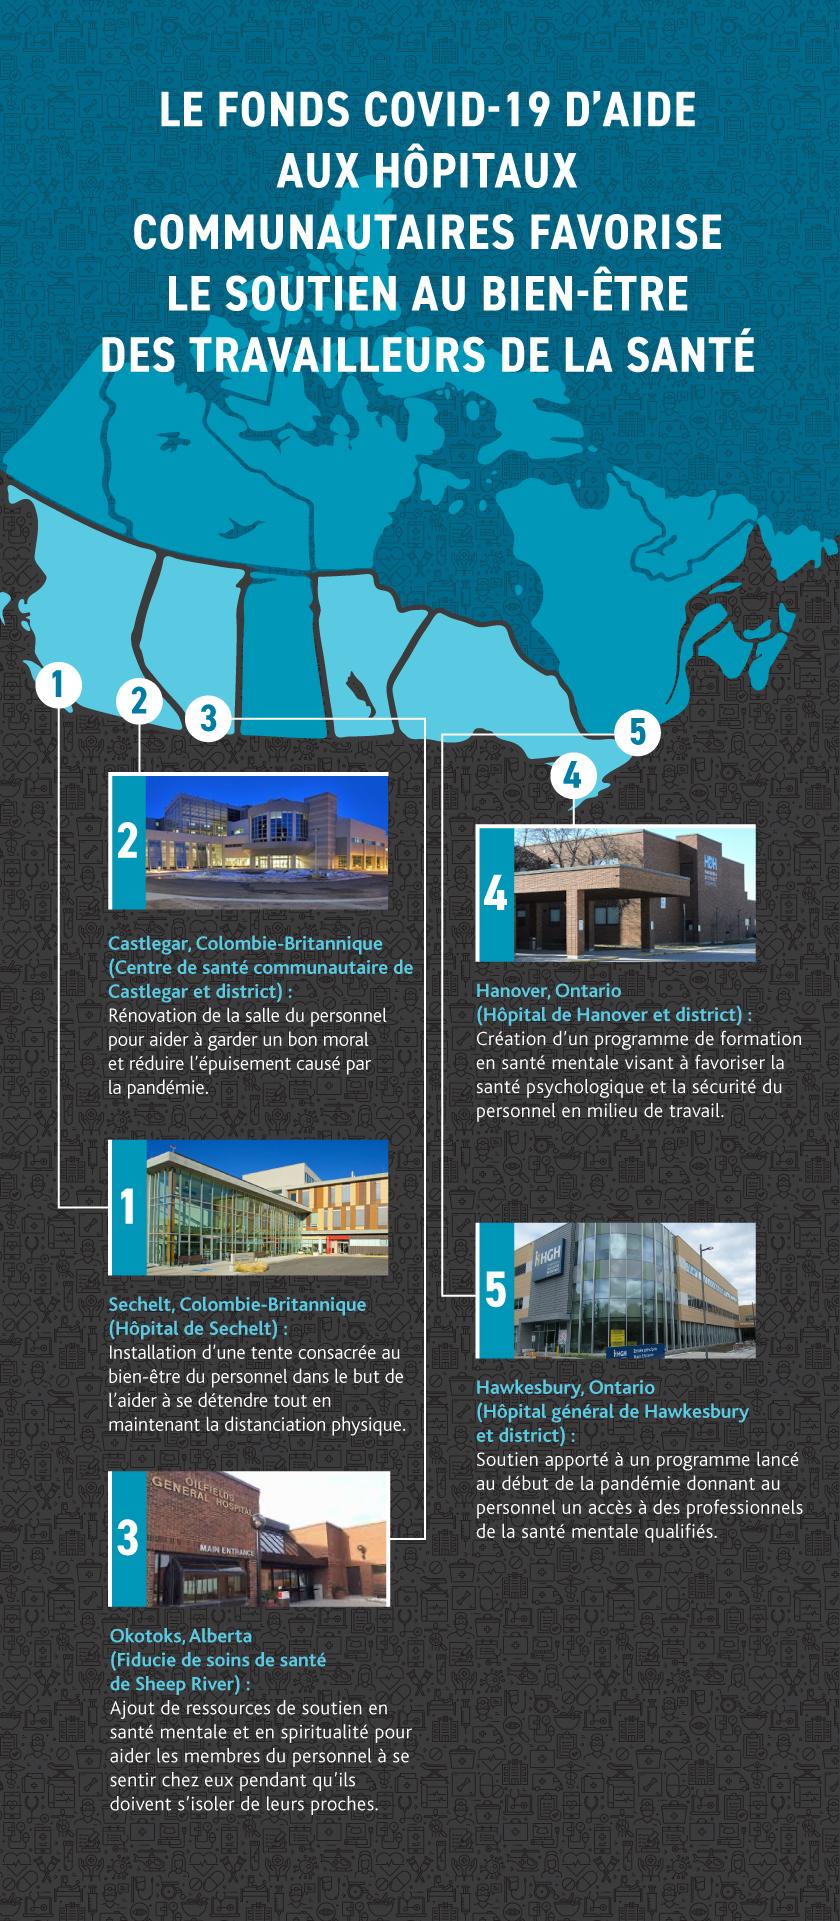 Infographie montrant cinq hôpitaux canadiens qui ont mis en place un programme de bien-être.